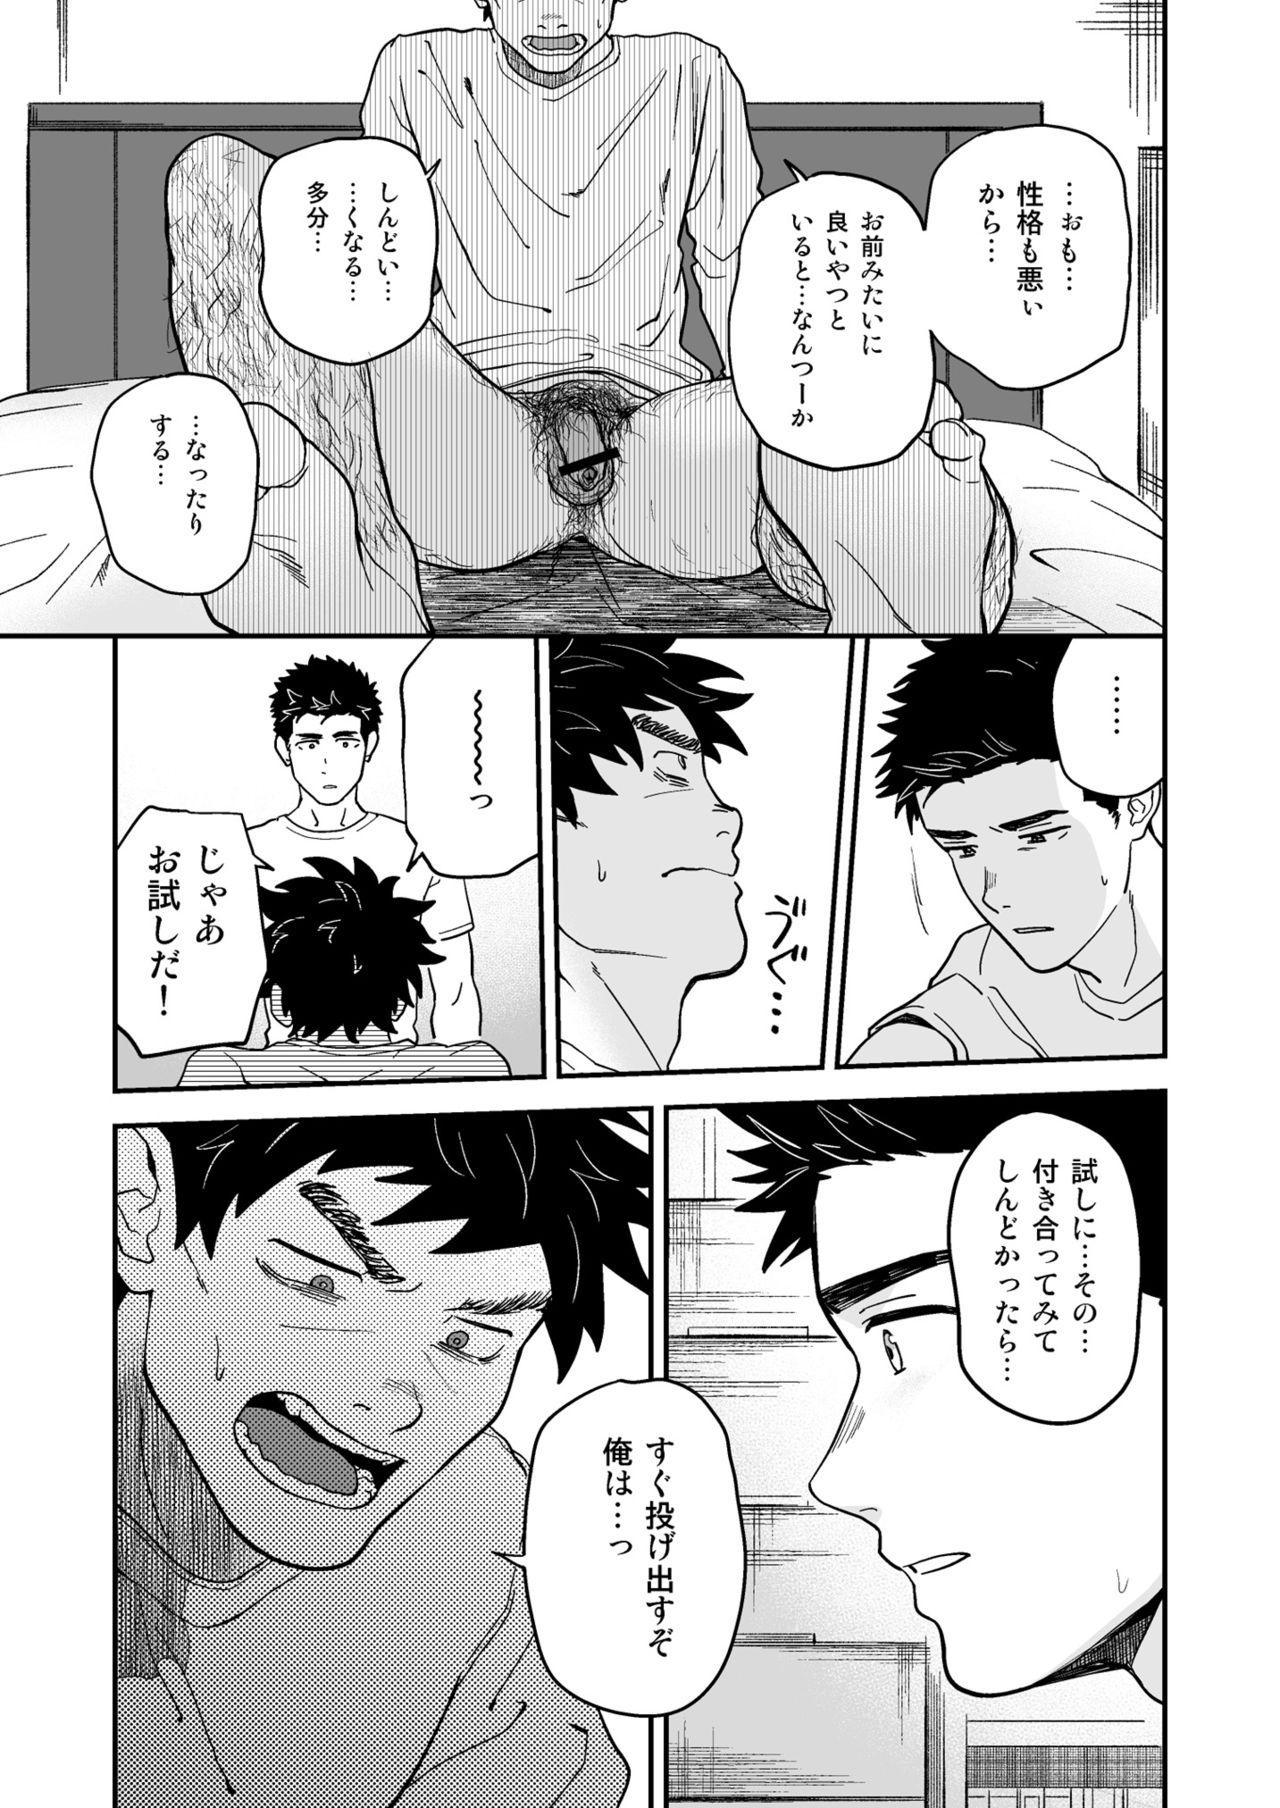 Endou to Senpai 13